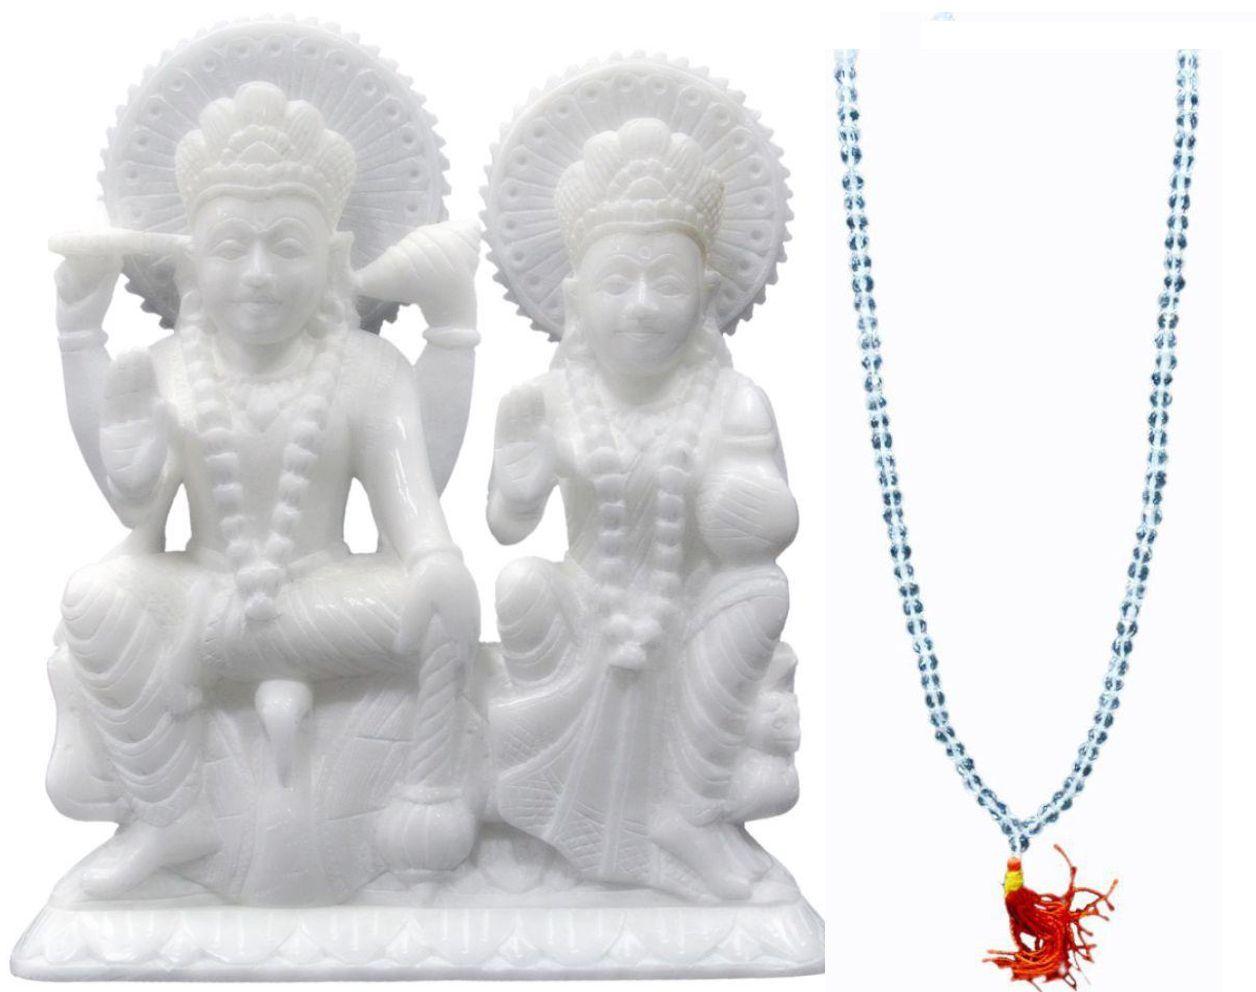 Geeta Poojan Vishnu Laxmi Marble Idol